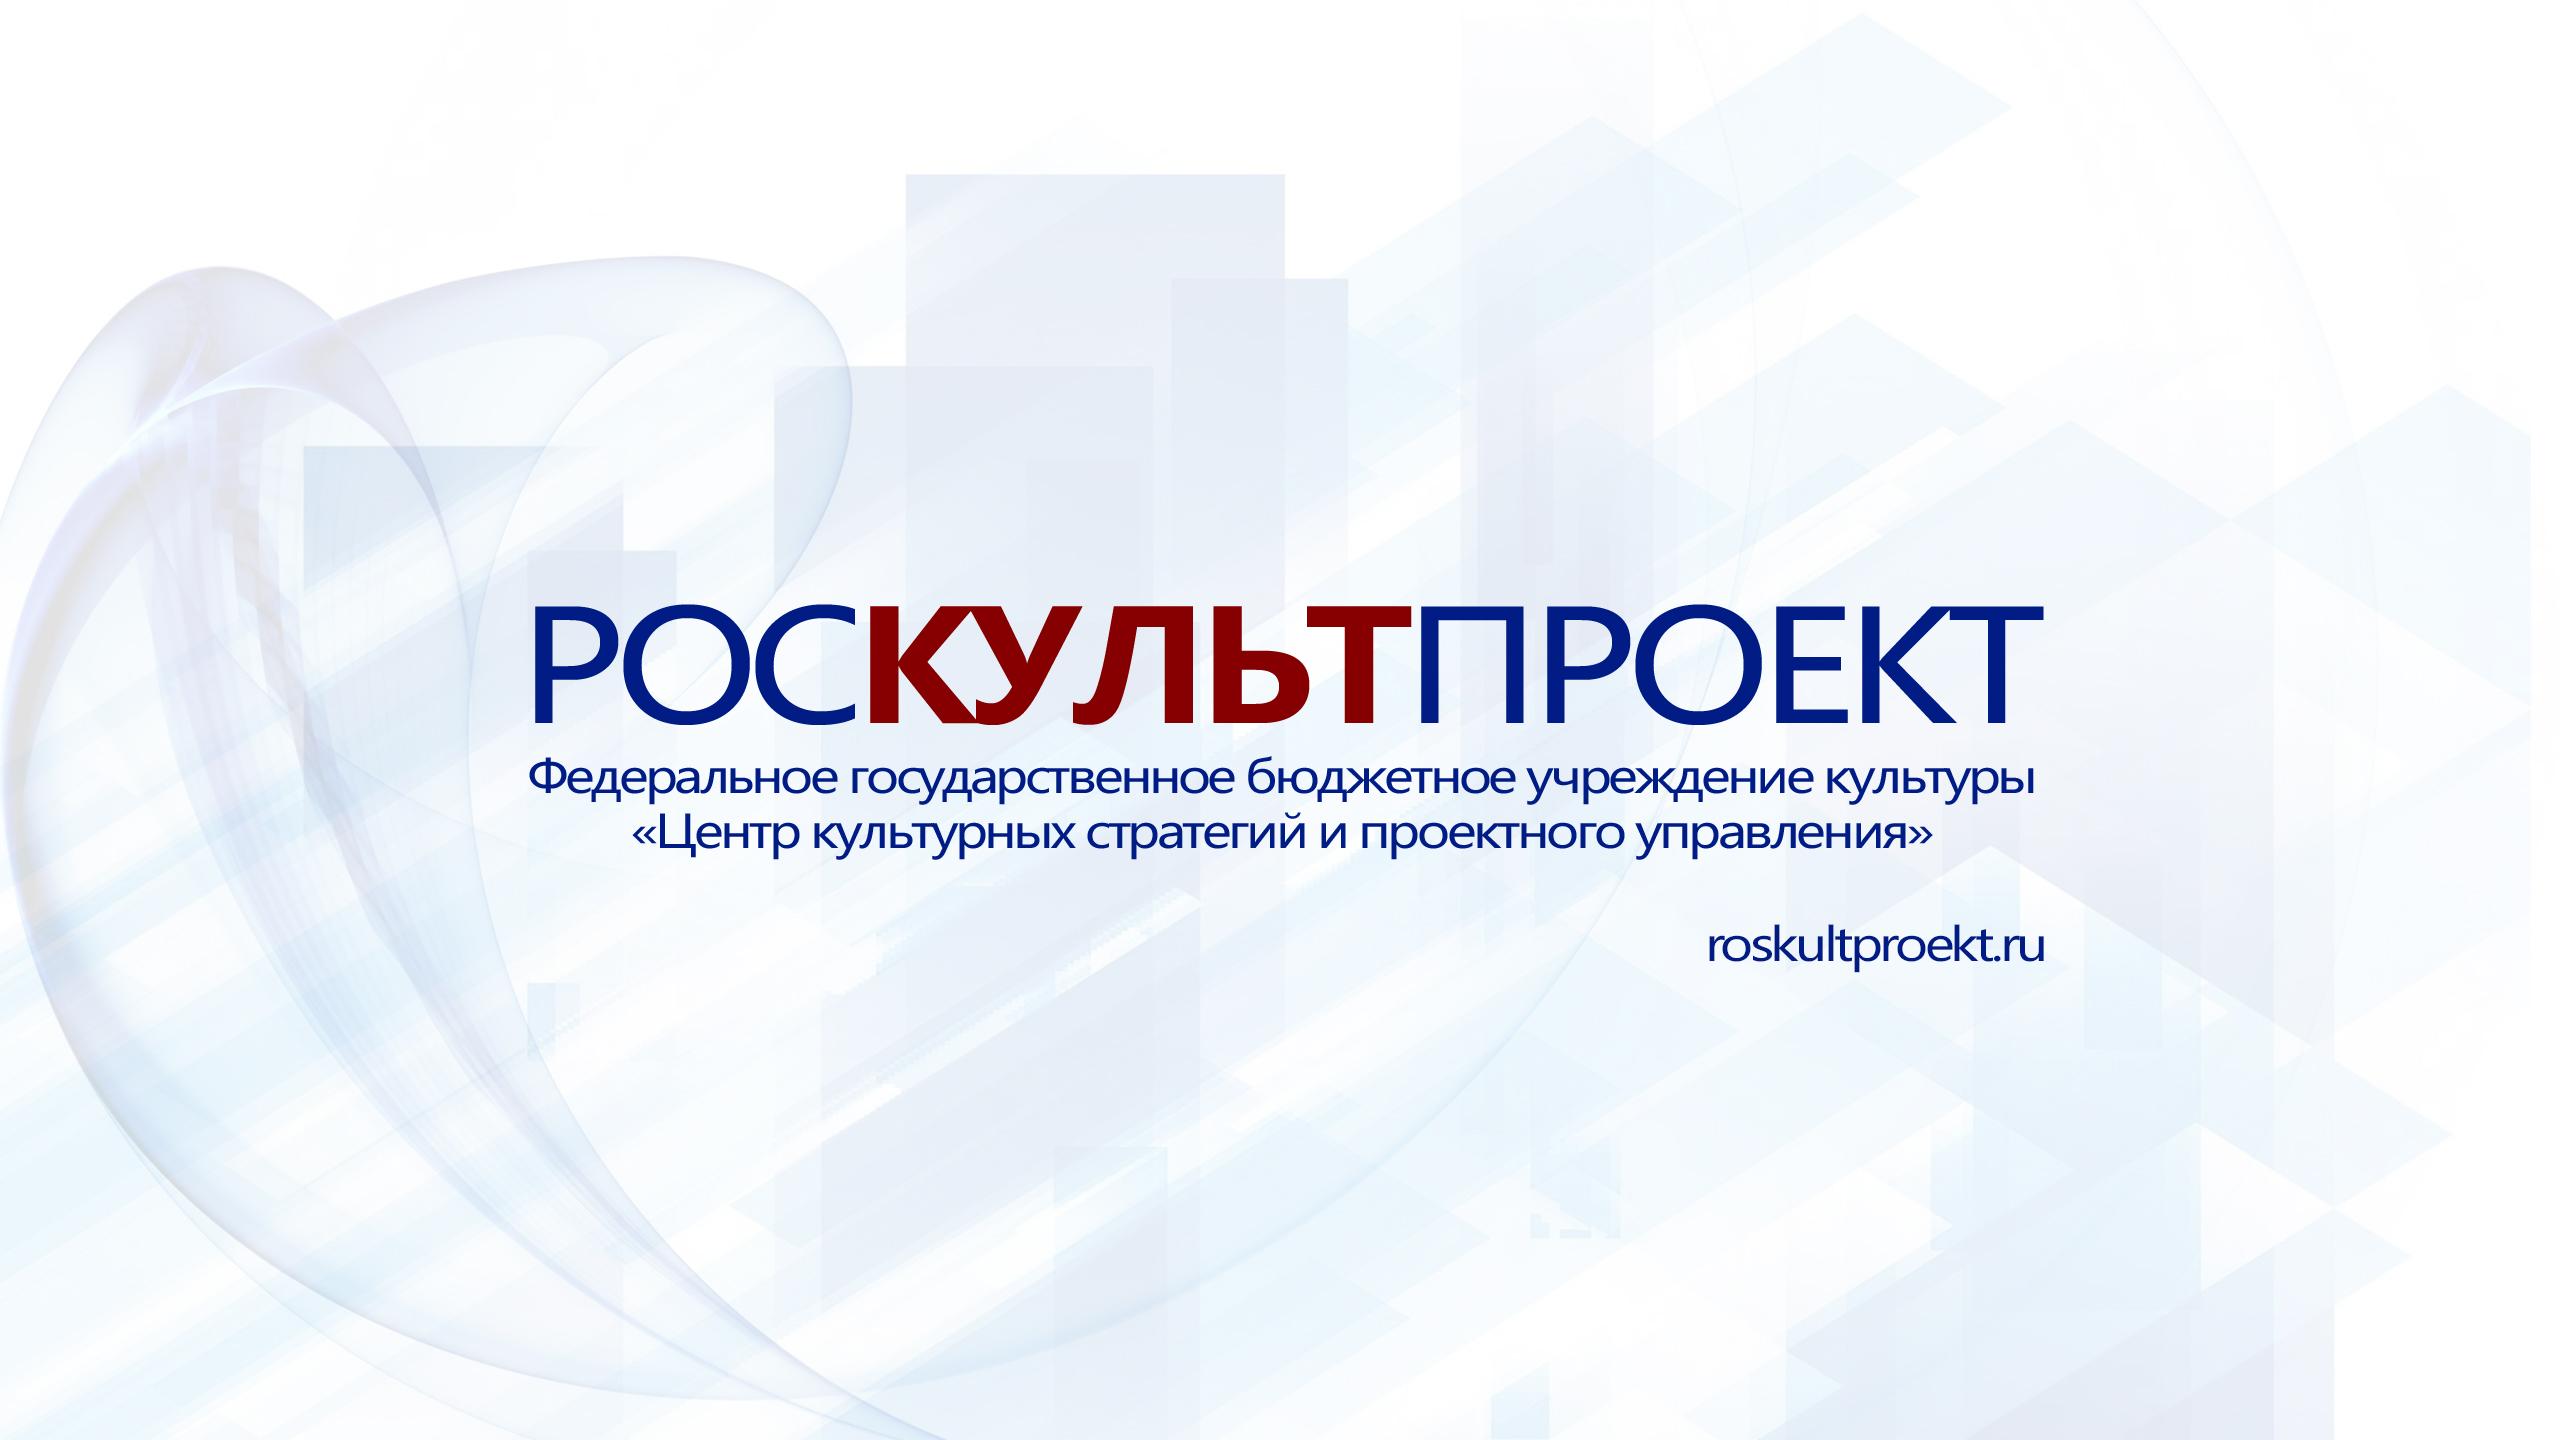 Сайт Центра культурных стратегий и проектного управления запустил процесс работы в тестовом режиме